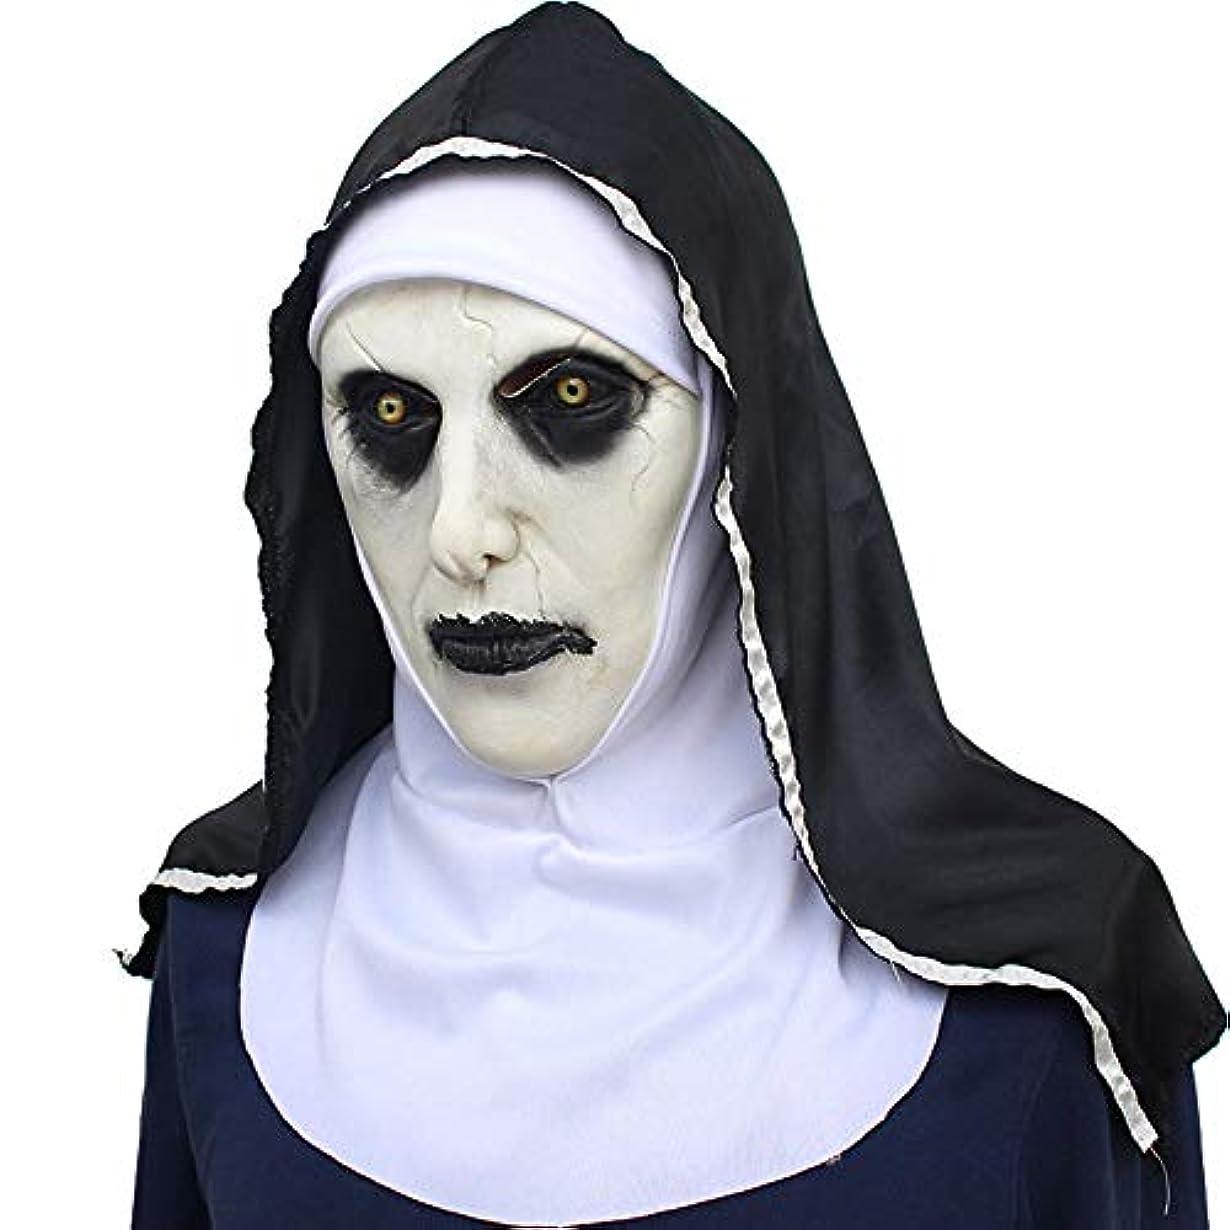 肥満制限定期的なハロウィーンラテックスマスクホラー修道女フェイスマスクパーティー怖い面白い小道具